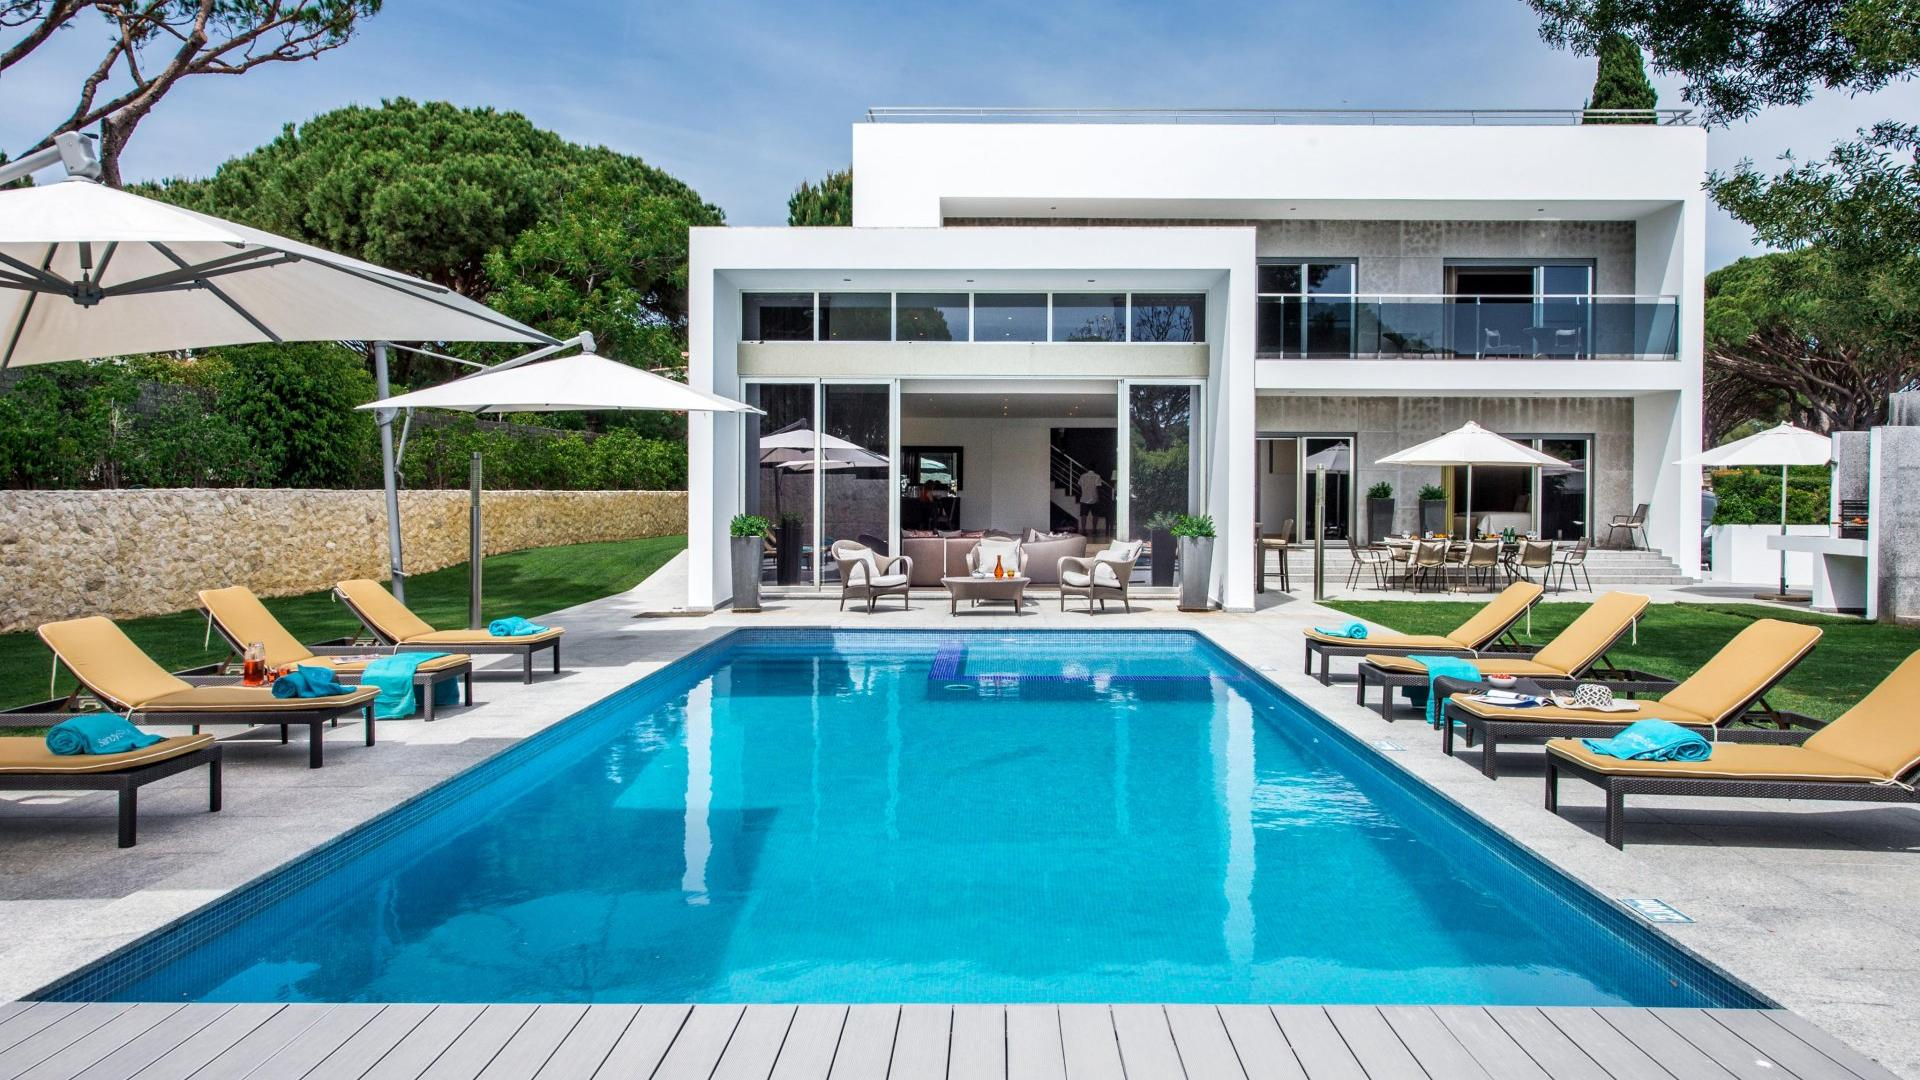 Villa Stargazer - Vale do Lobo, Algarve - VDL_518_1.jpg